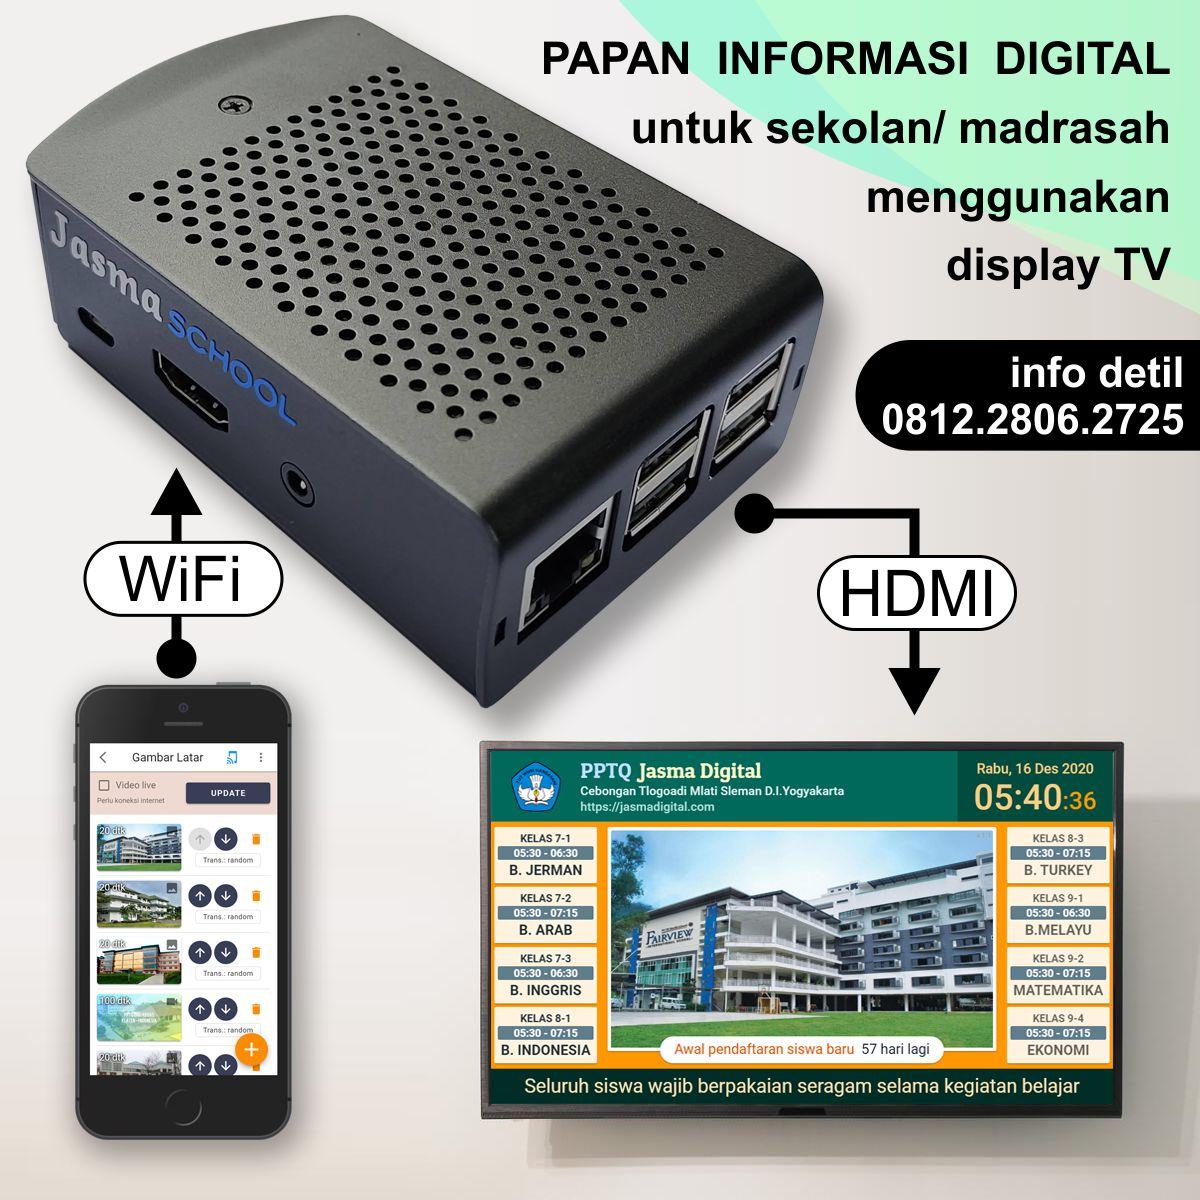 Papan informasi digital sekolah